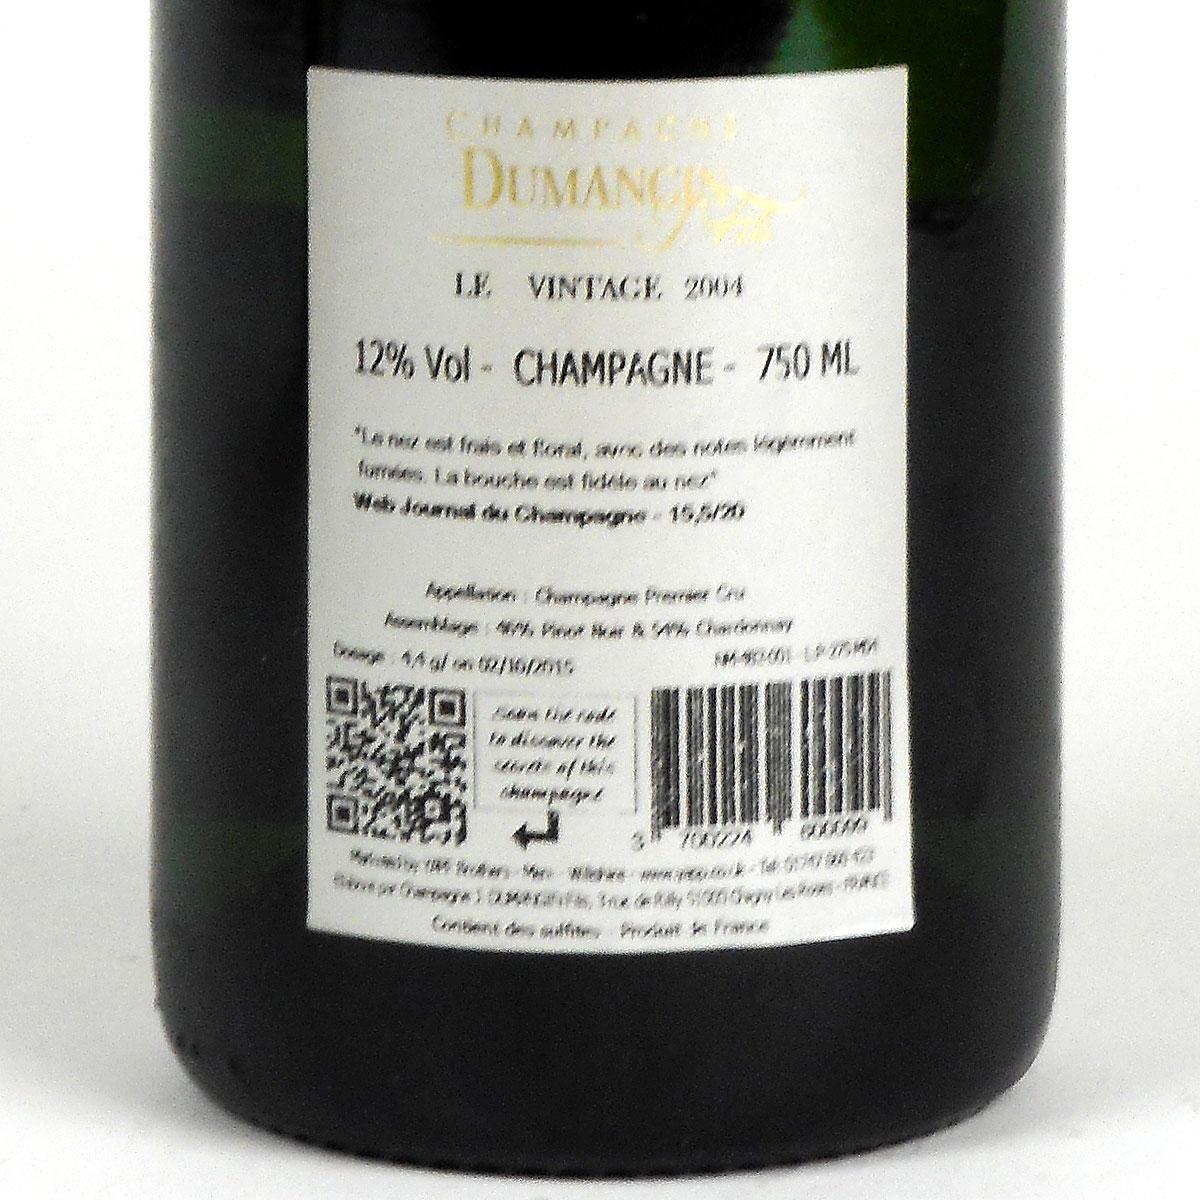 Champagne: Dumangin Fils. Premier Cru Brut Vintage 2004 - Bottle Rear Label